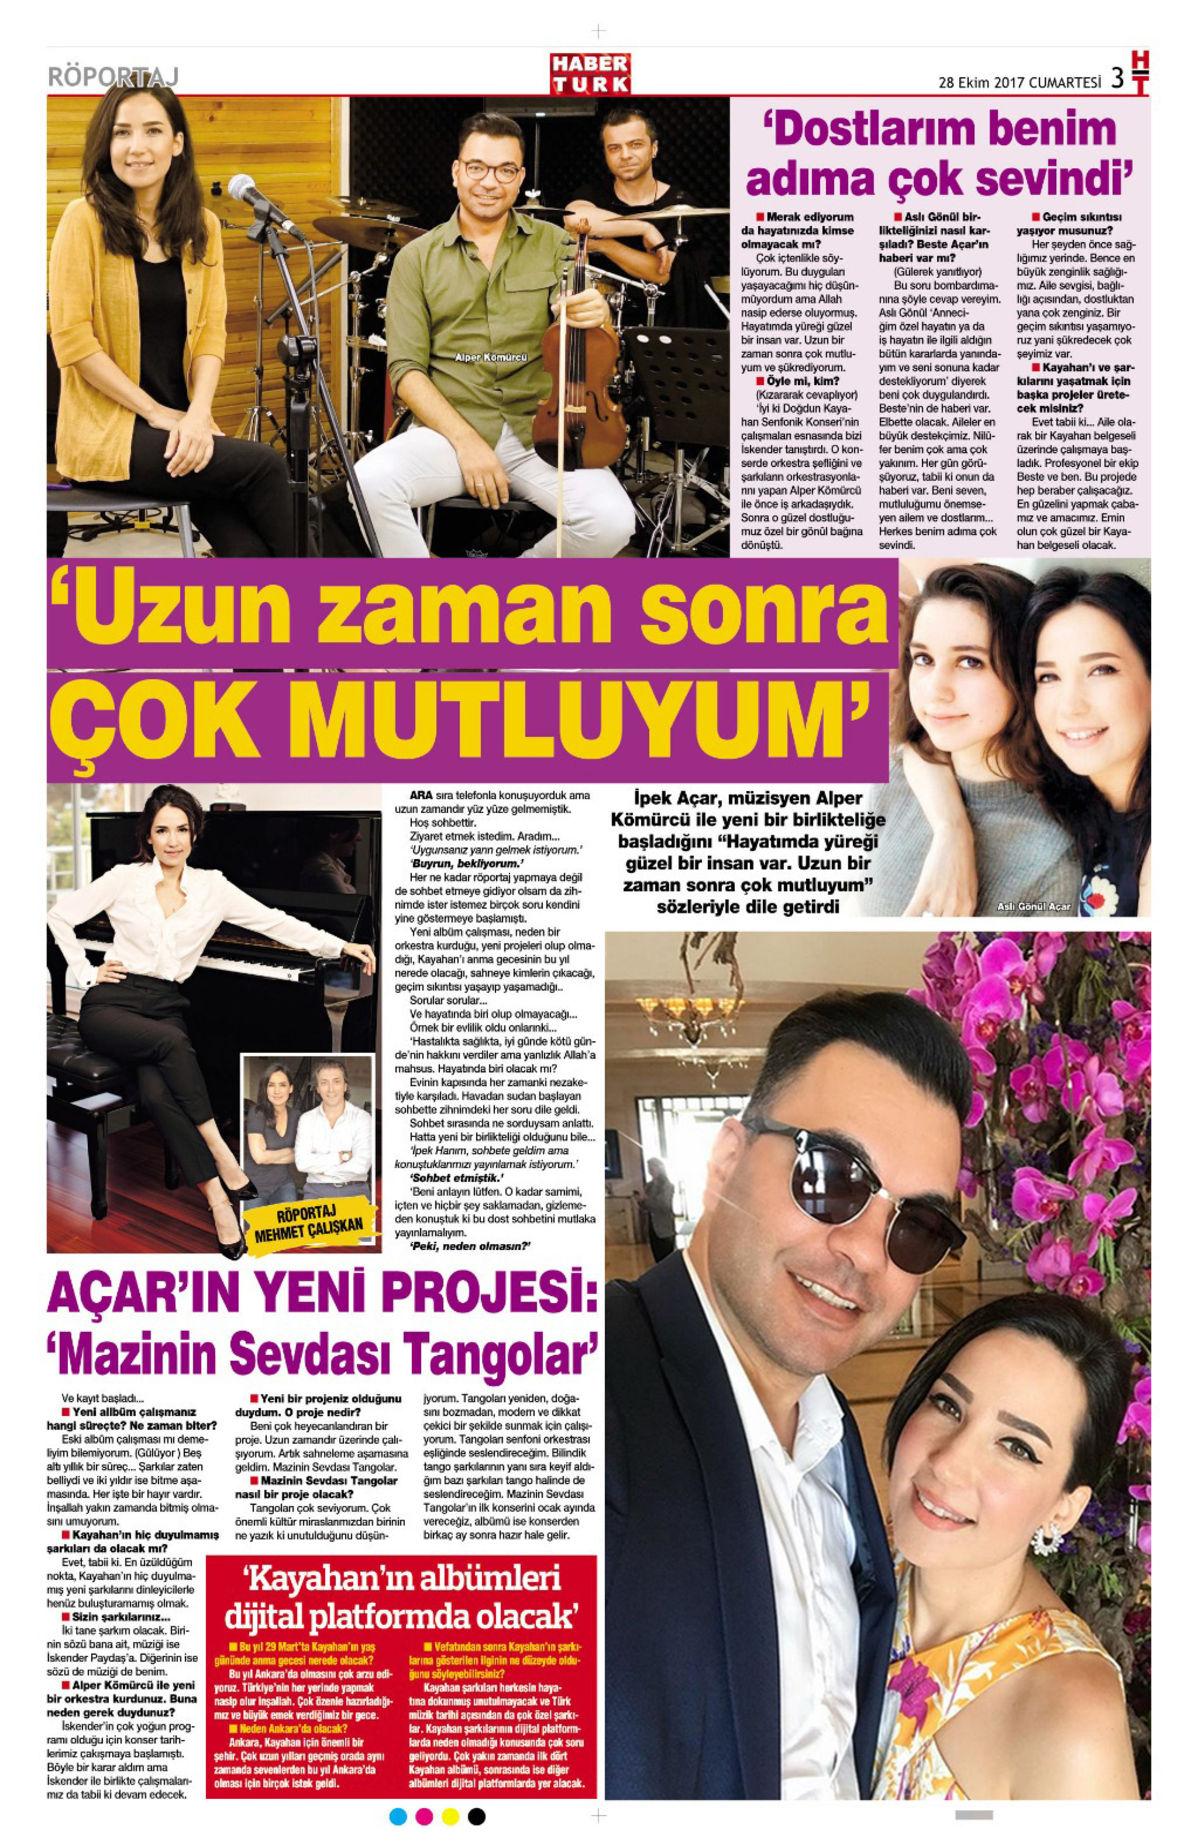 İpek Açar ile yaptığım o röportaj, 28 Ekim 2017'de Habertürk HT Magazin'de yayımlandı.